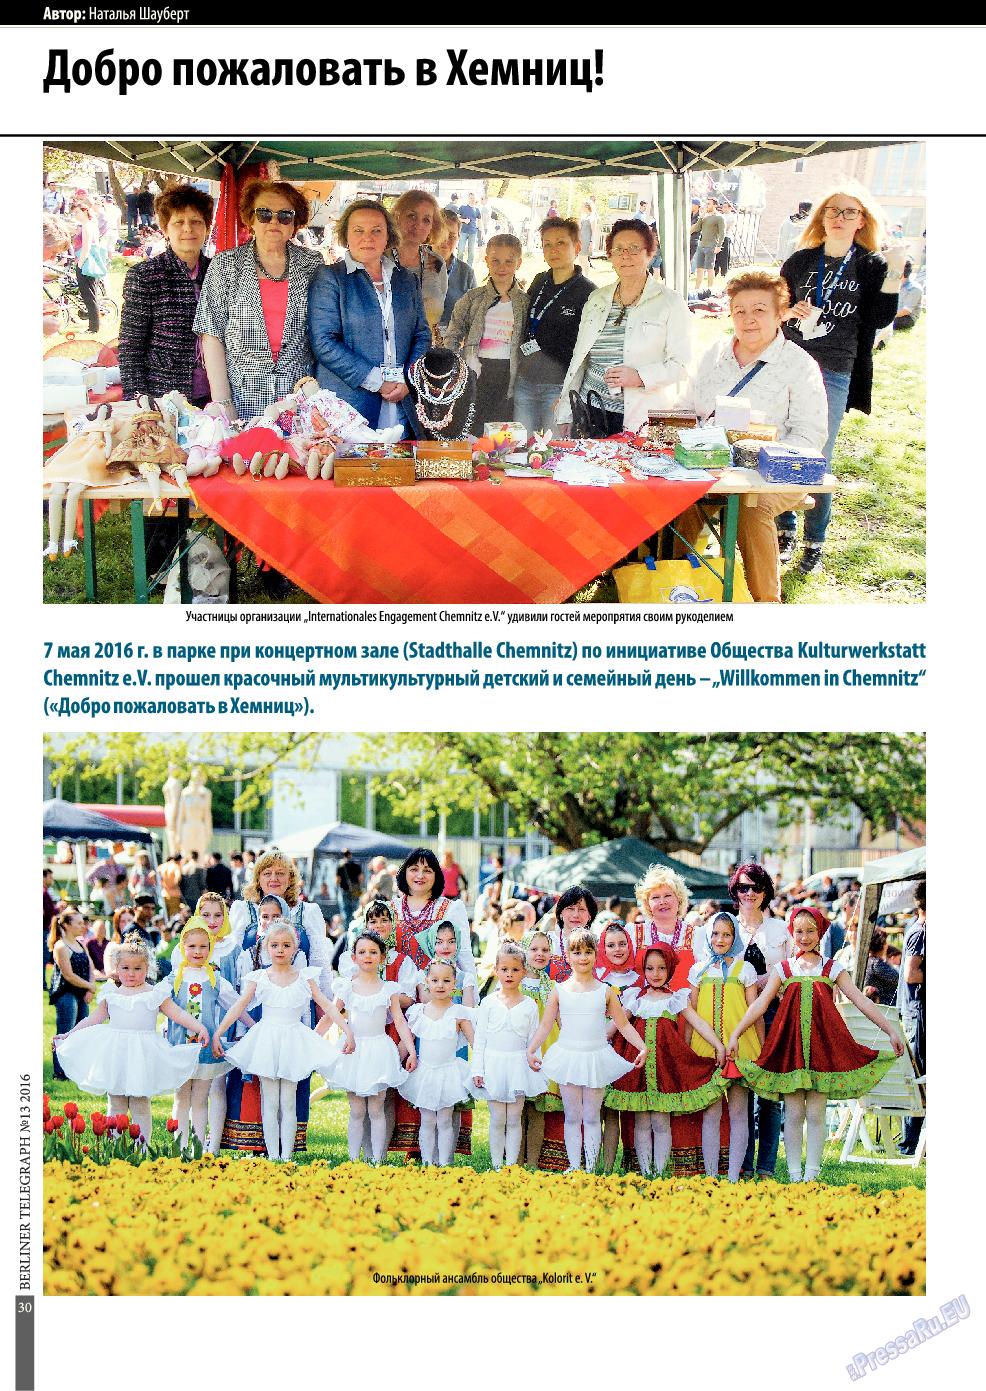 Берлинский телеграф (журнал). 2016 год, номер 13, стр. 30